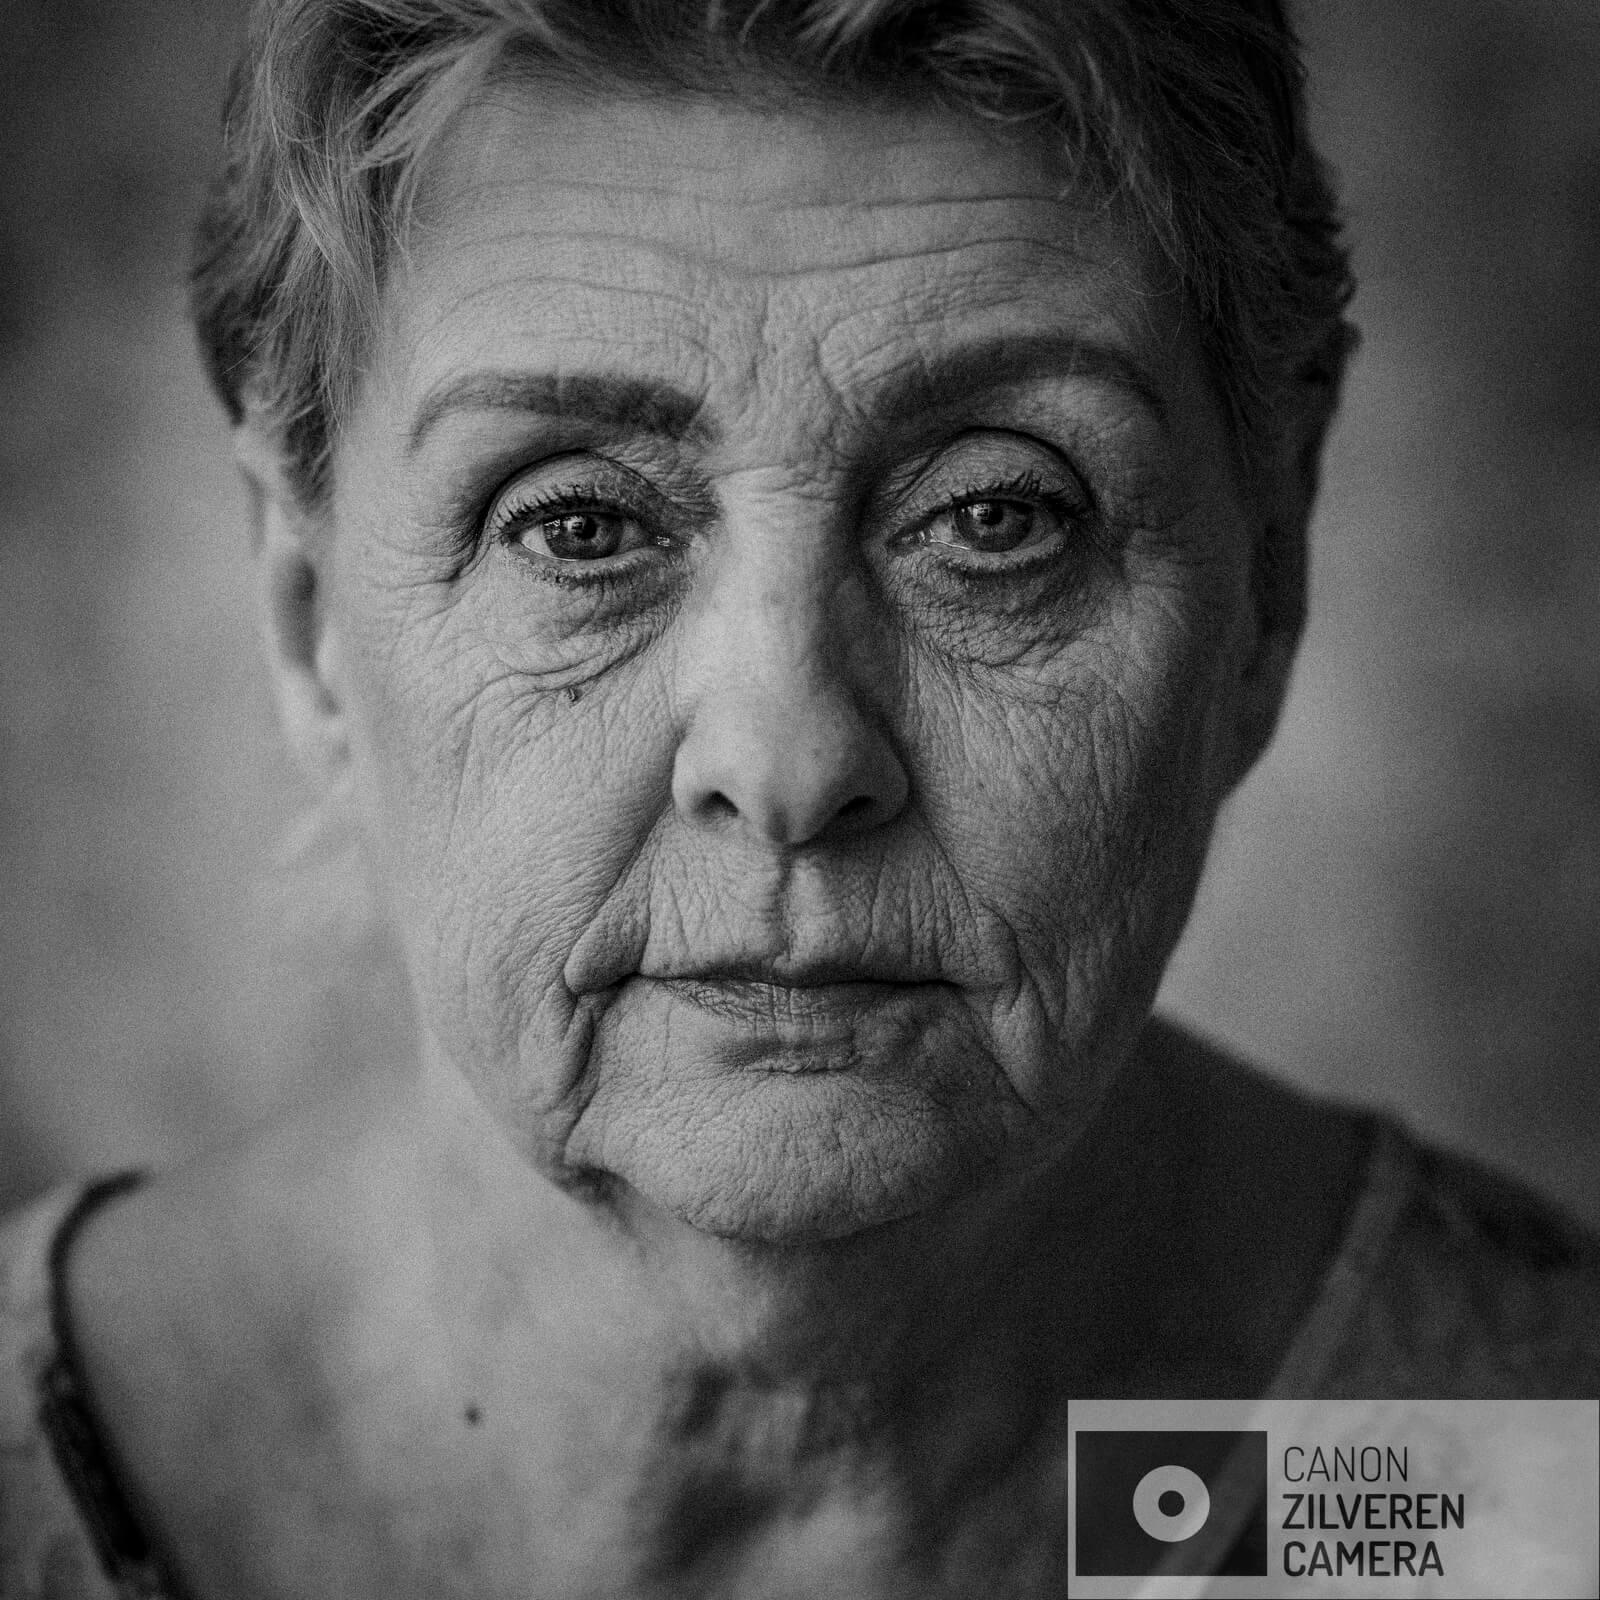 Nederland, Rotterdam, 03 juli 2018 Joke de Smit, Meisje van de Goede Herder   Alle rechten voorbehouden / All rights reserved